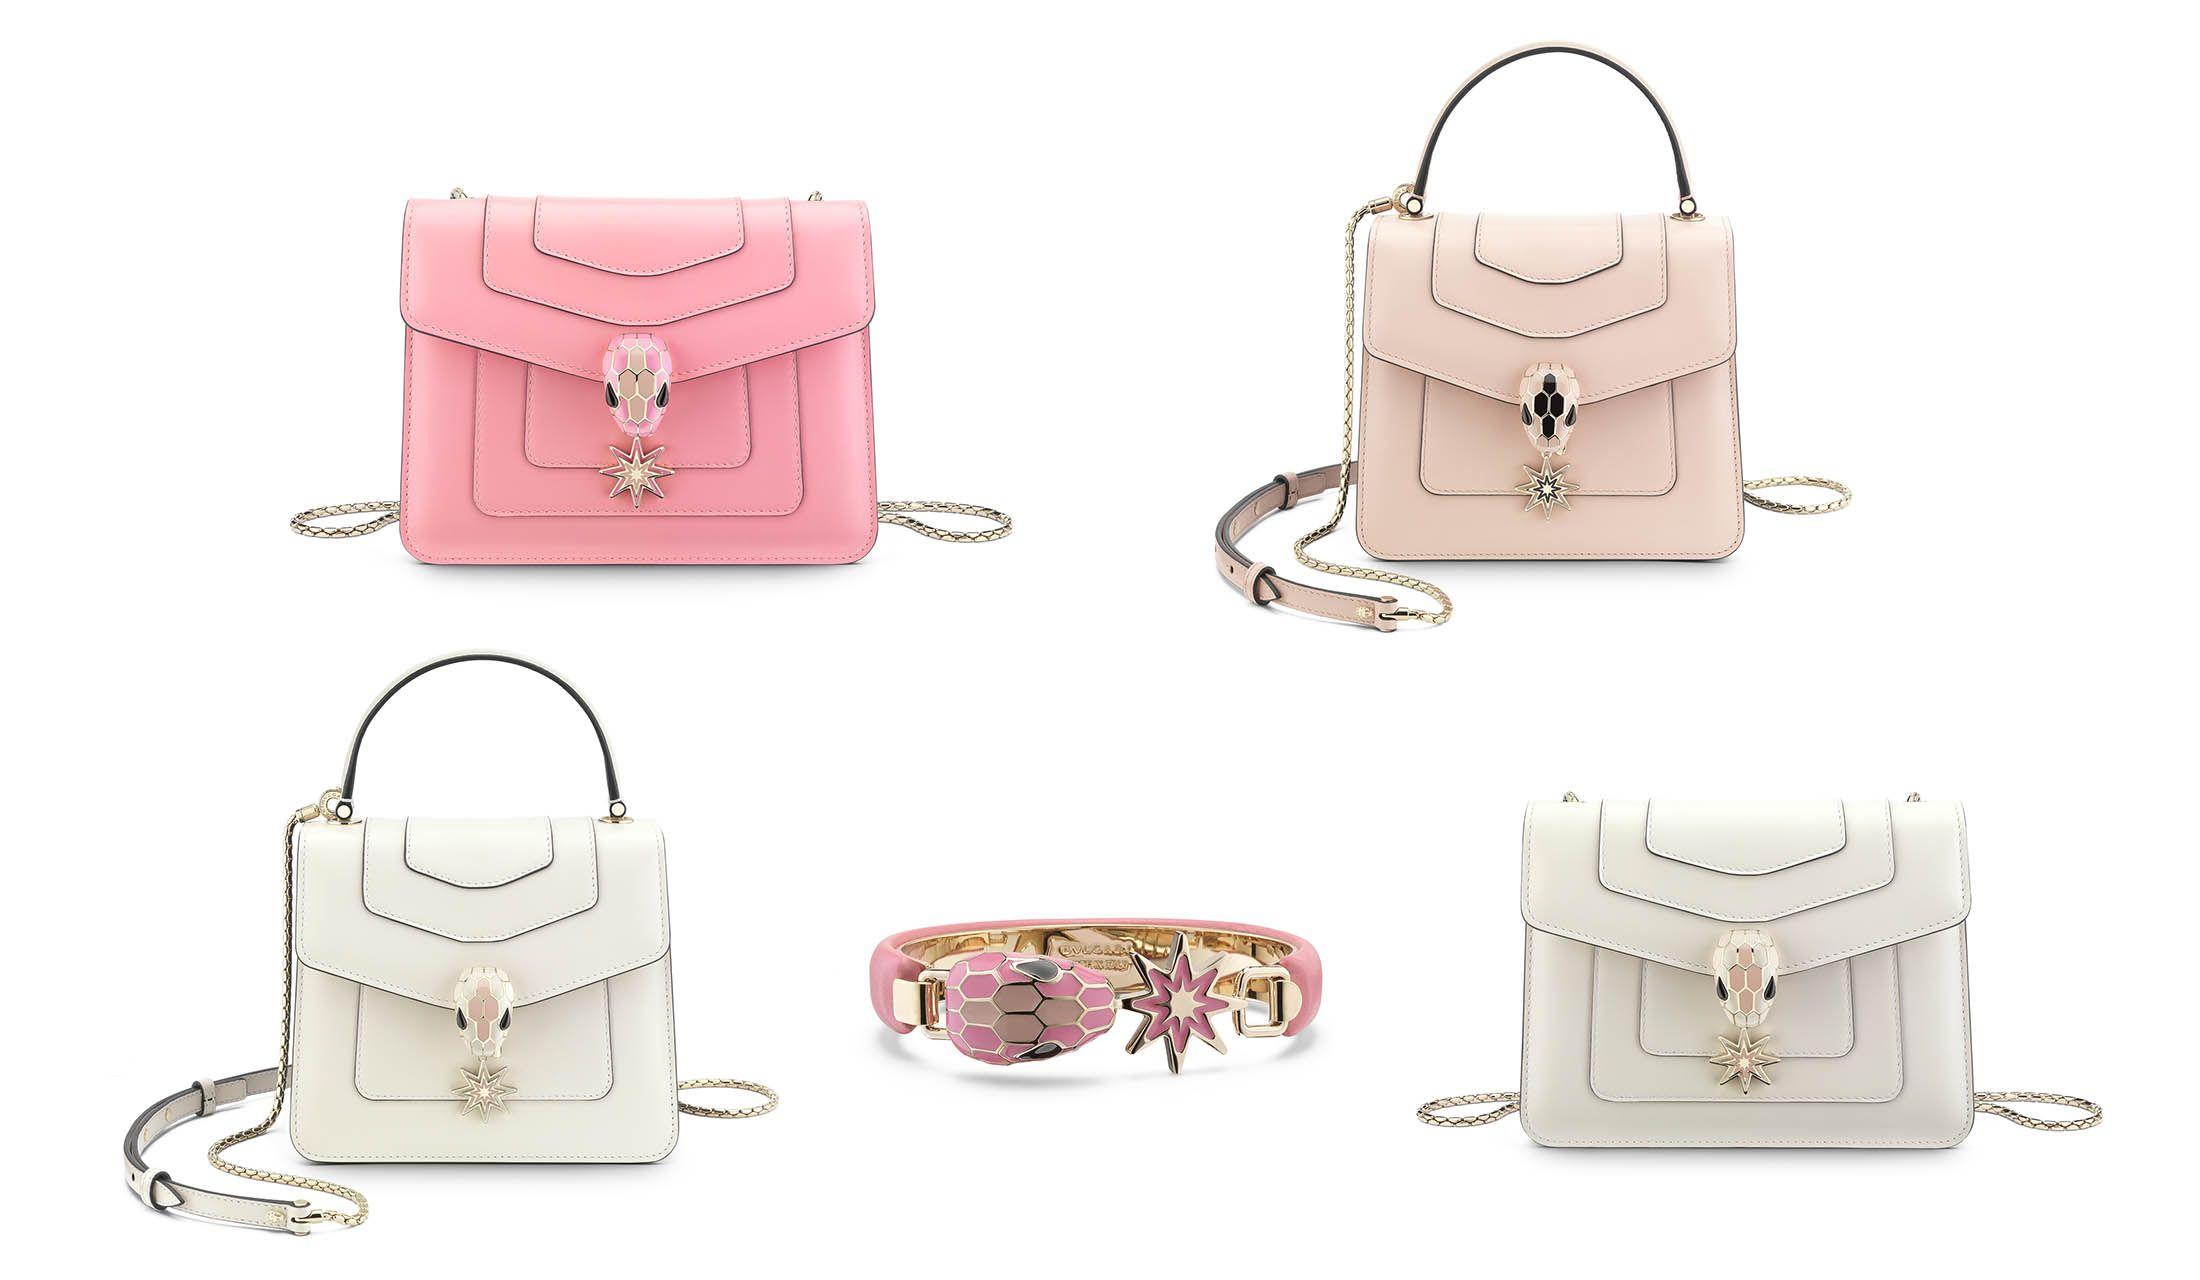 ブルガリの「セルペンティ」コレクションのバッグ